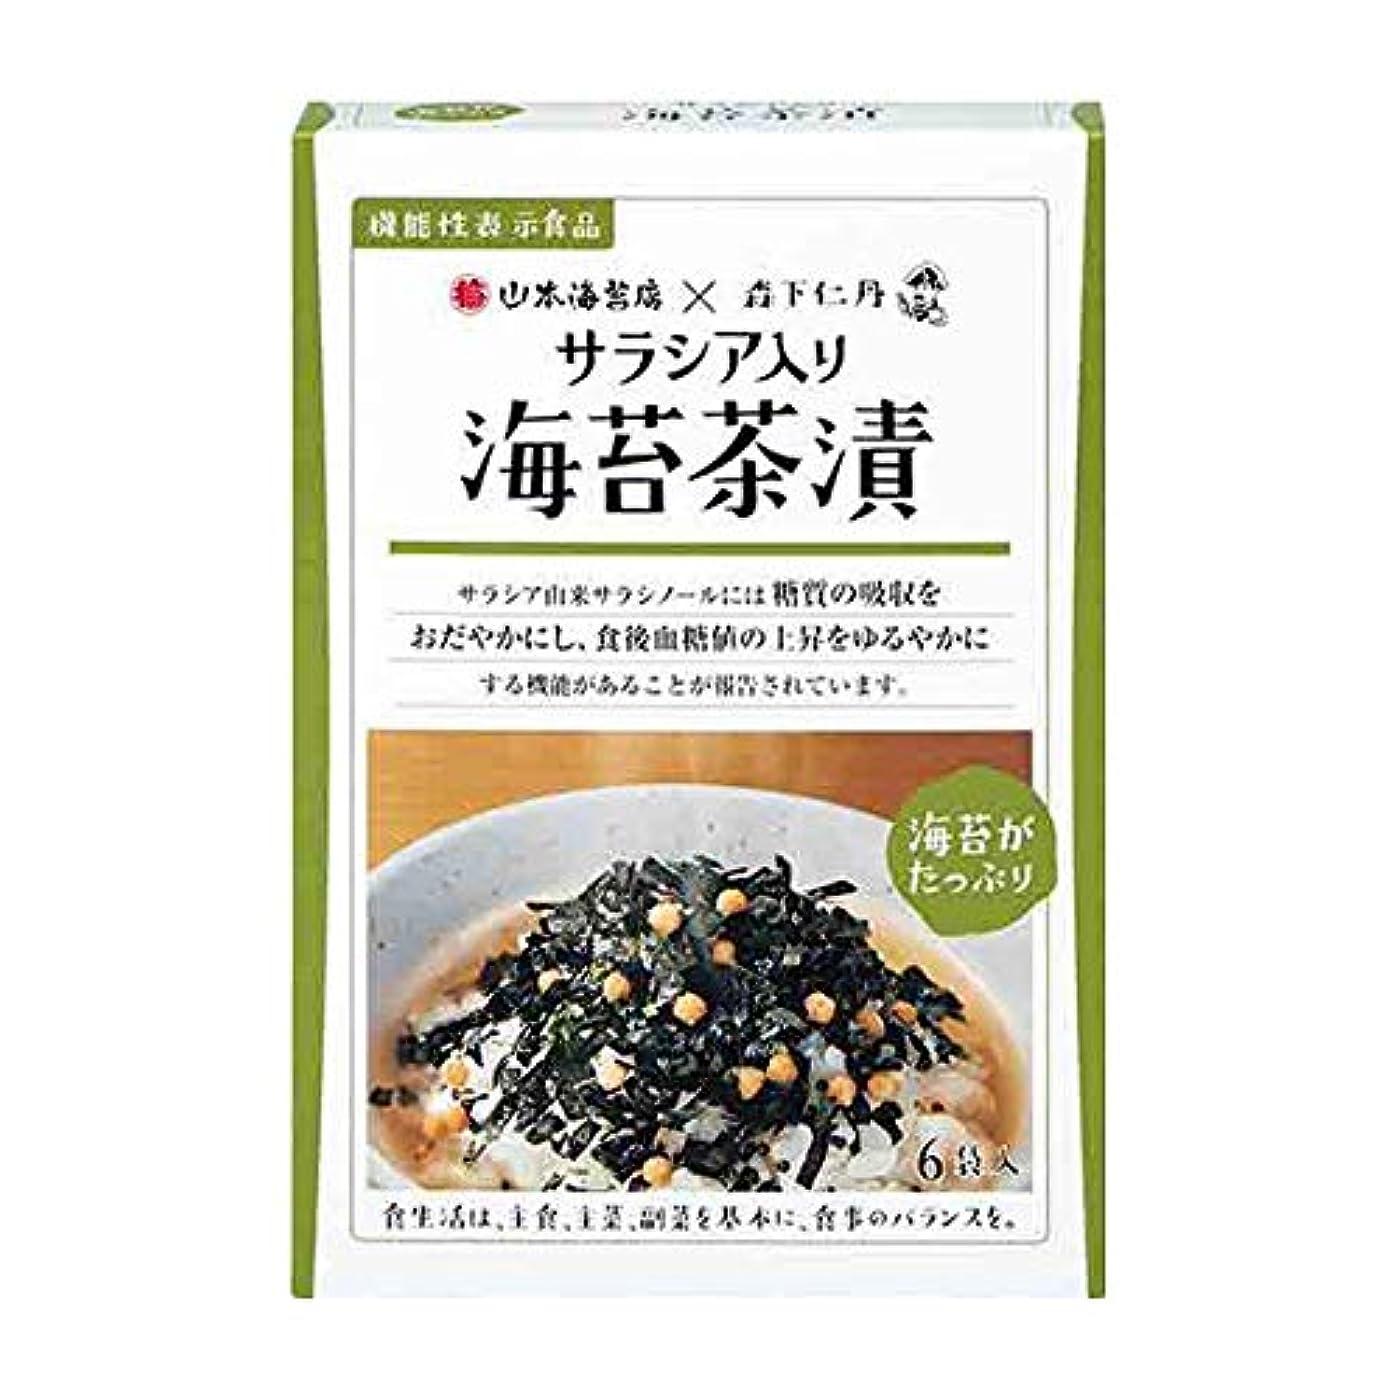 士気平方シーボード森下仁丹 海苔茶漬 サラシア入り (6.2g×6袋) [機能性表示食品]